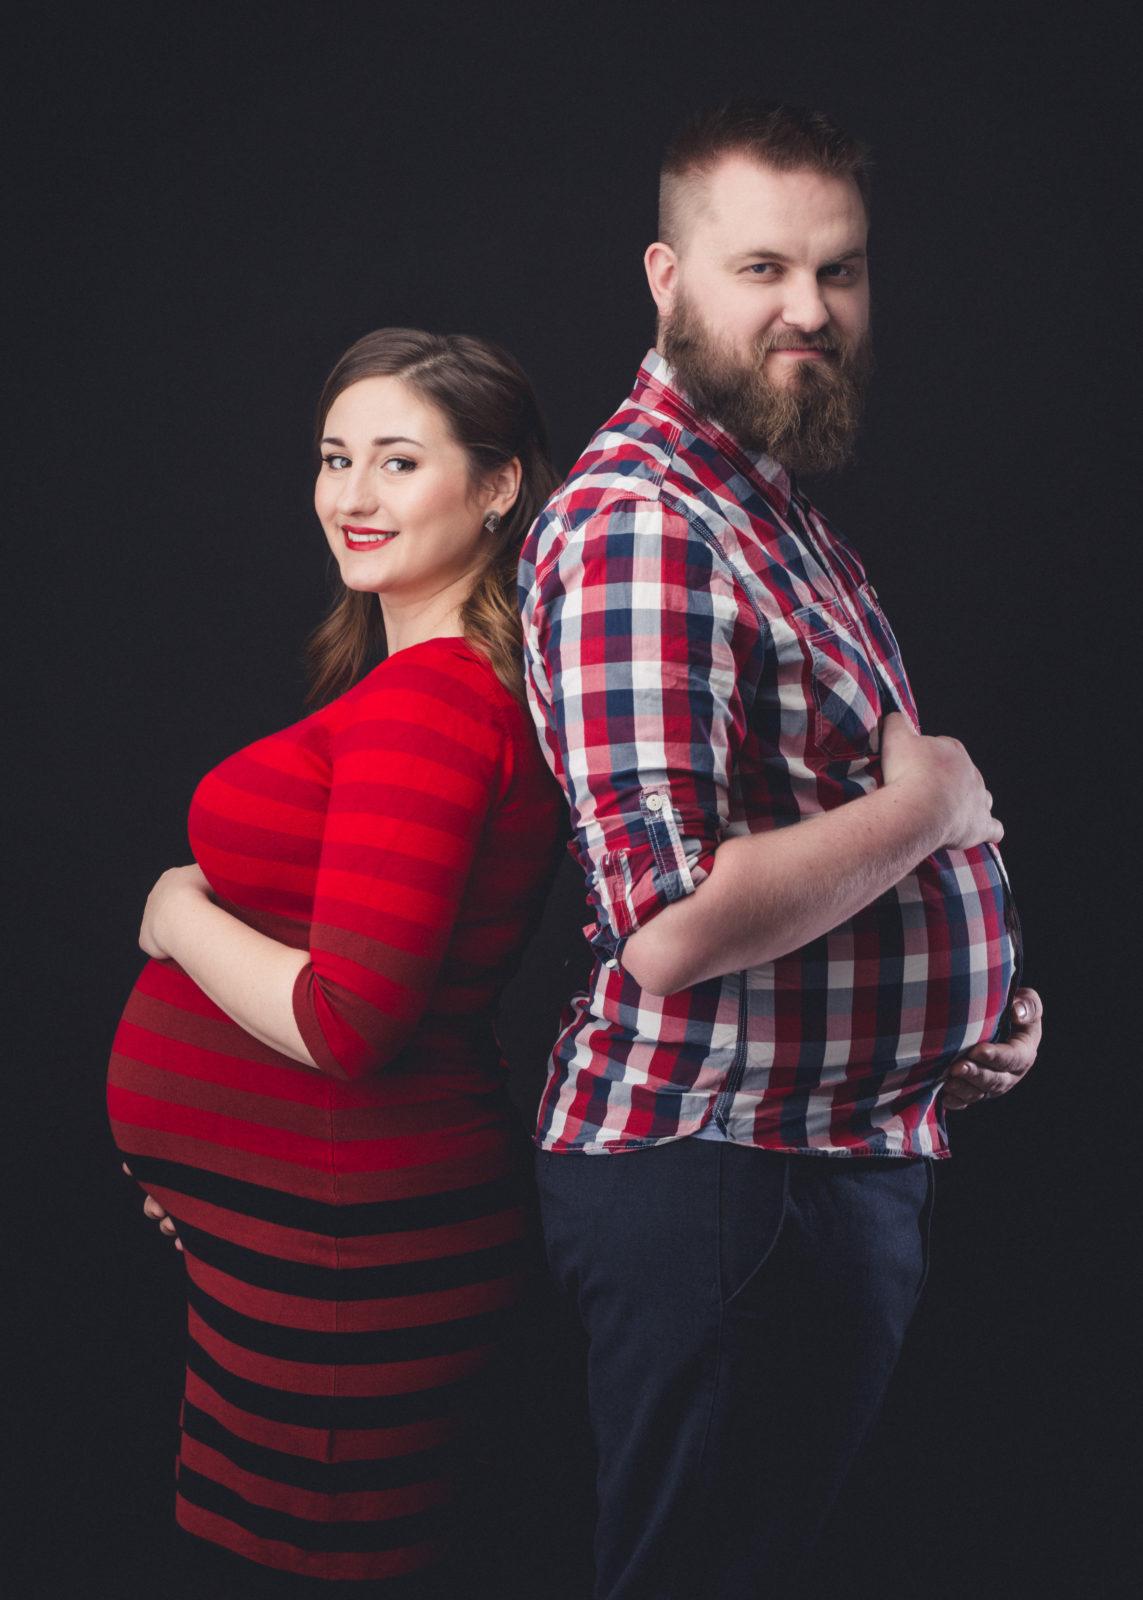 Raseduse jäädvustamine mehega